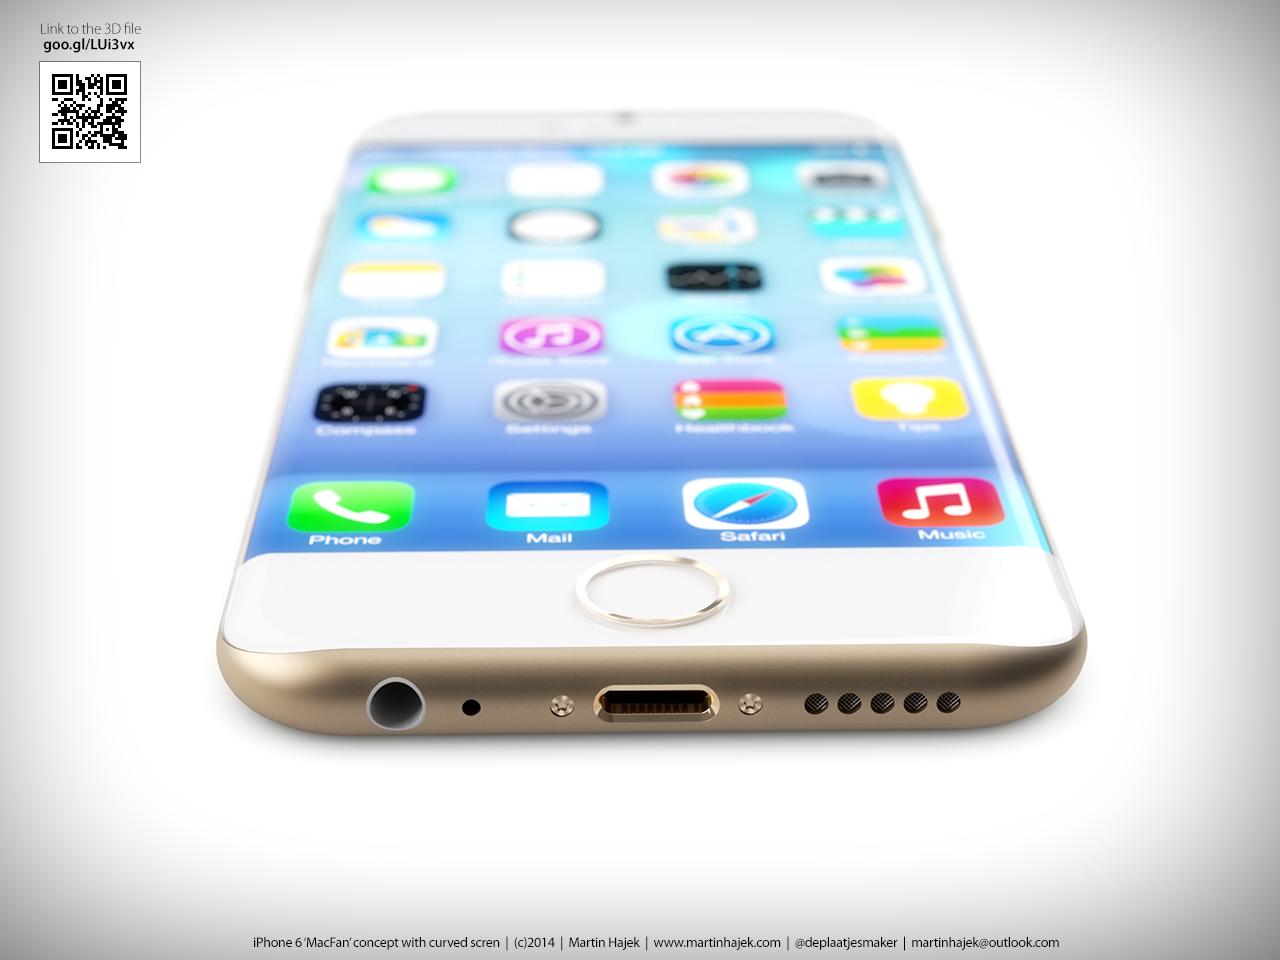 conceito-de-iphone-6-com-tela-curva-8